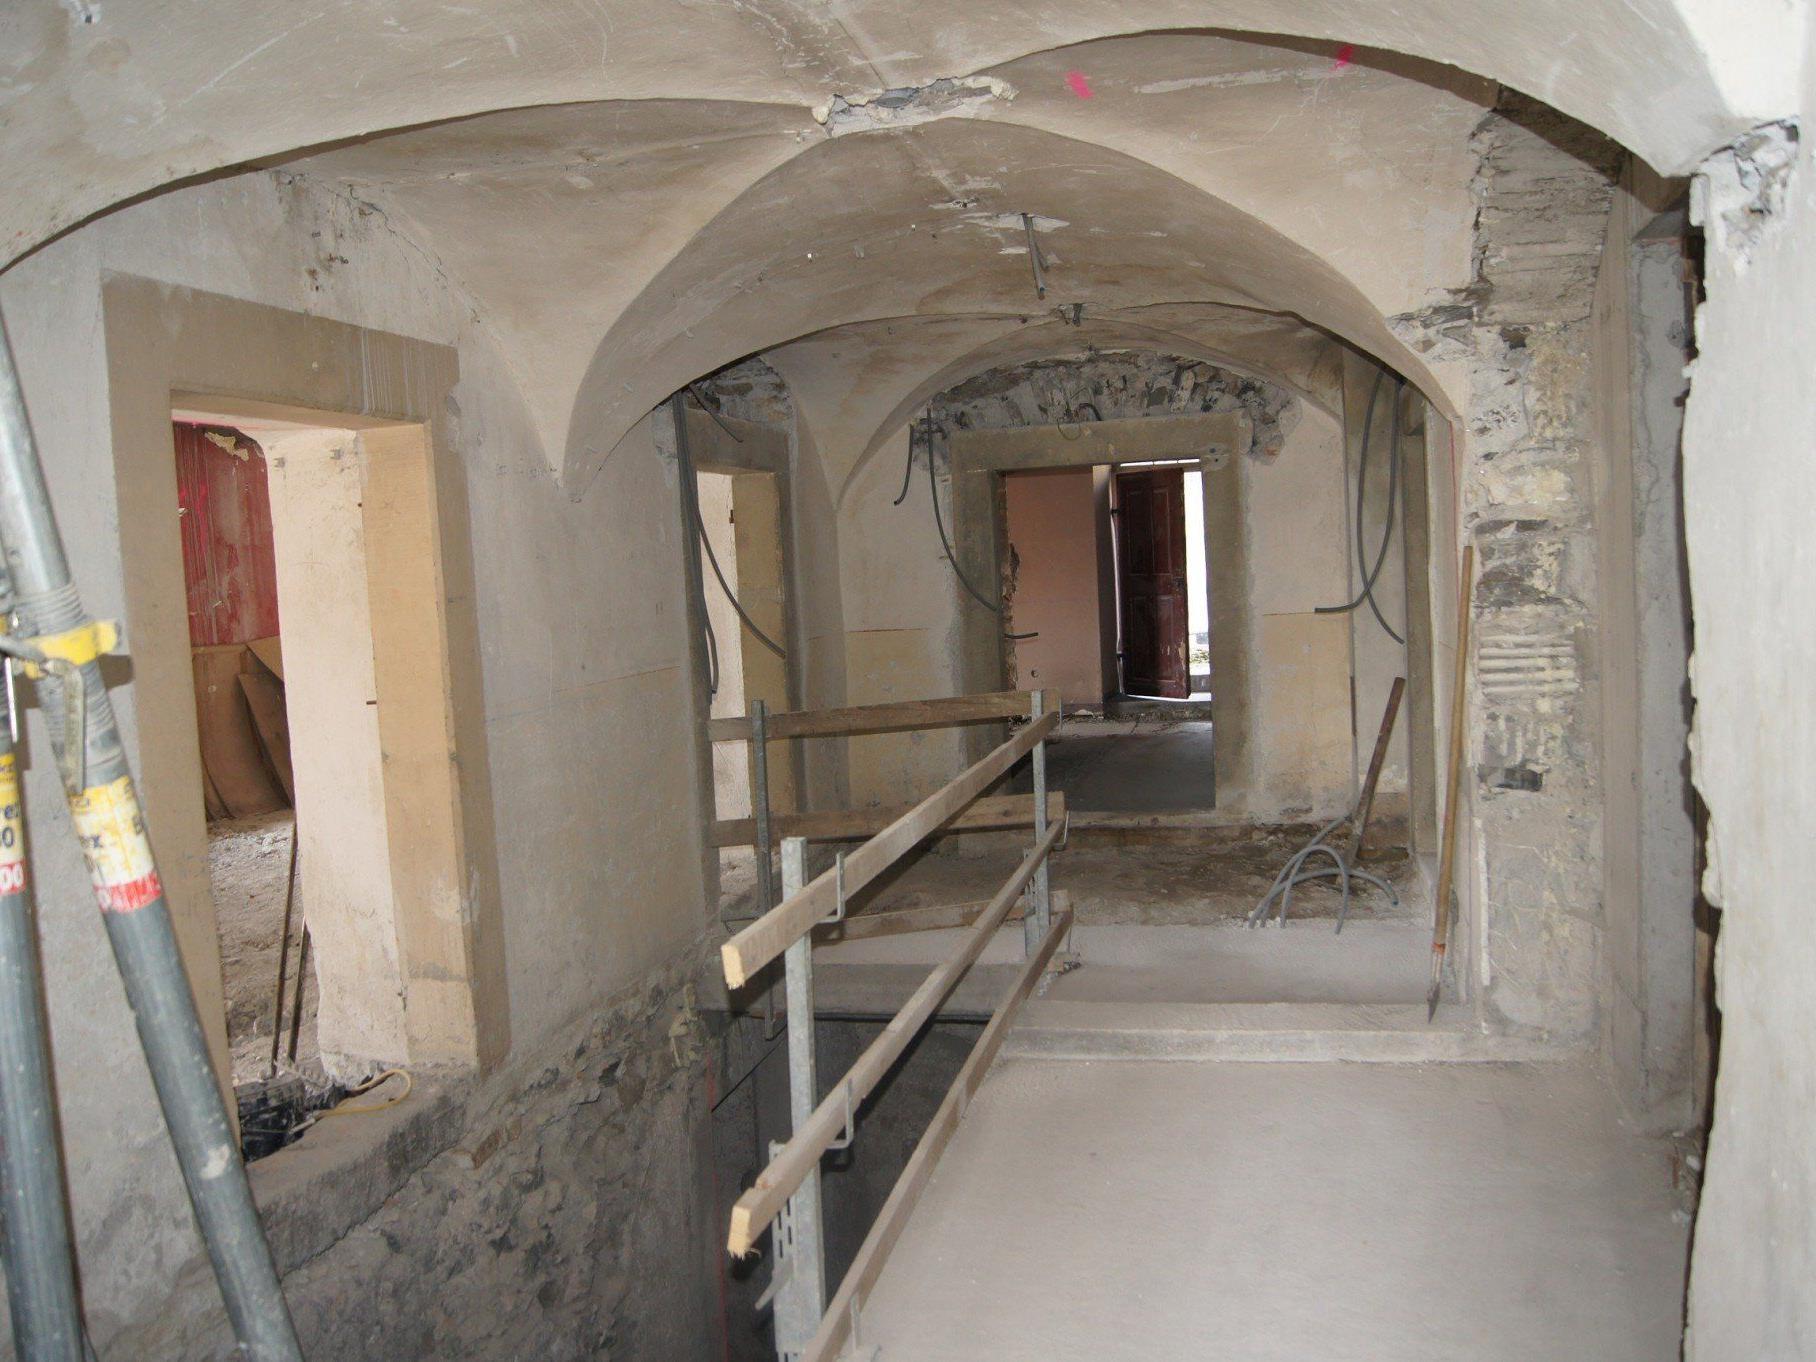 Die Bausubstanz des 1909 erbauten Wohnhauses Kirchgasse 3 bleibt erhalten. Das Innenleben wird erneuert.